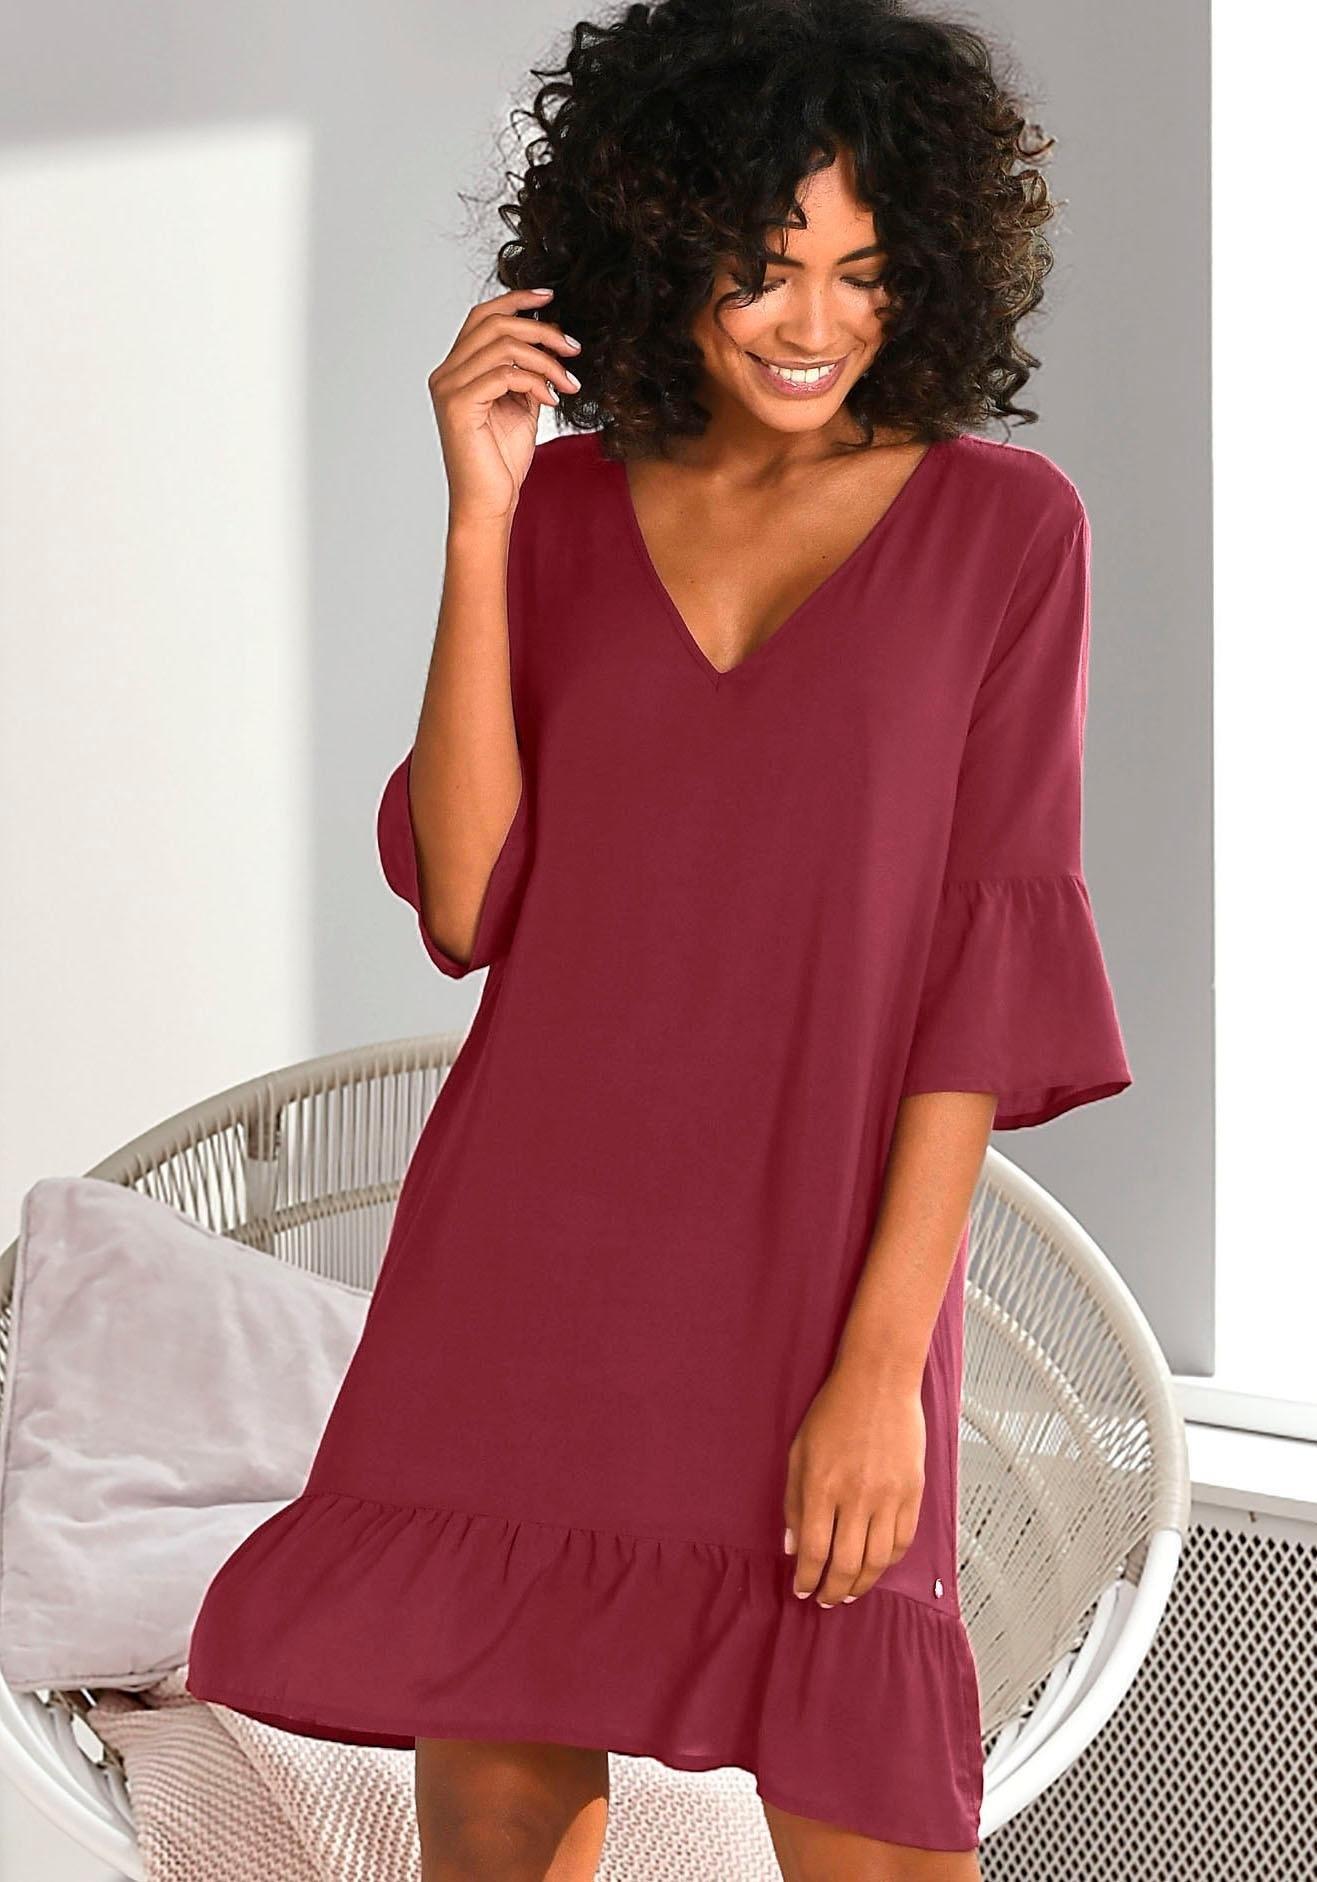 S.oliver Bodywear nachthemd voordelig en veilig online kopen